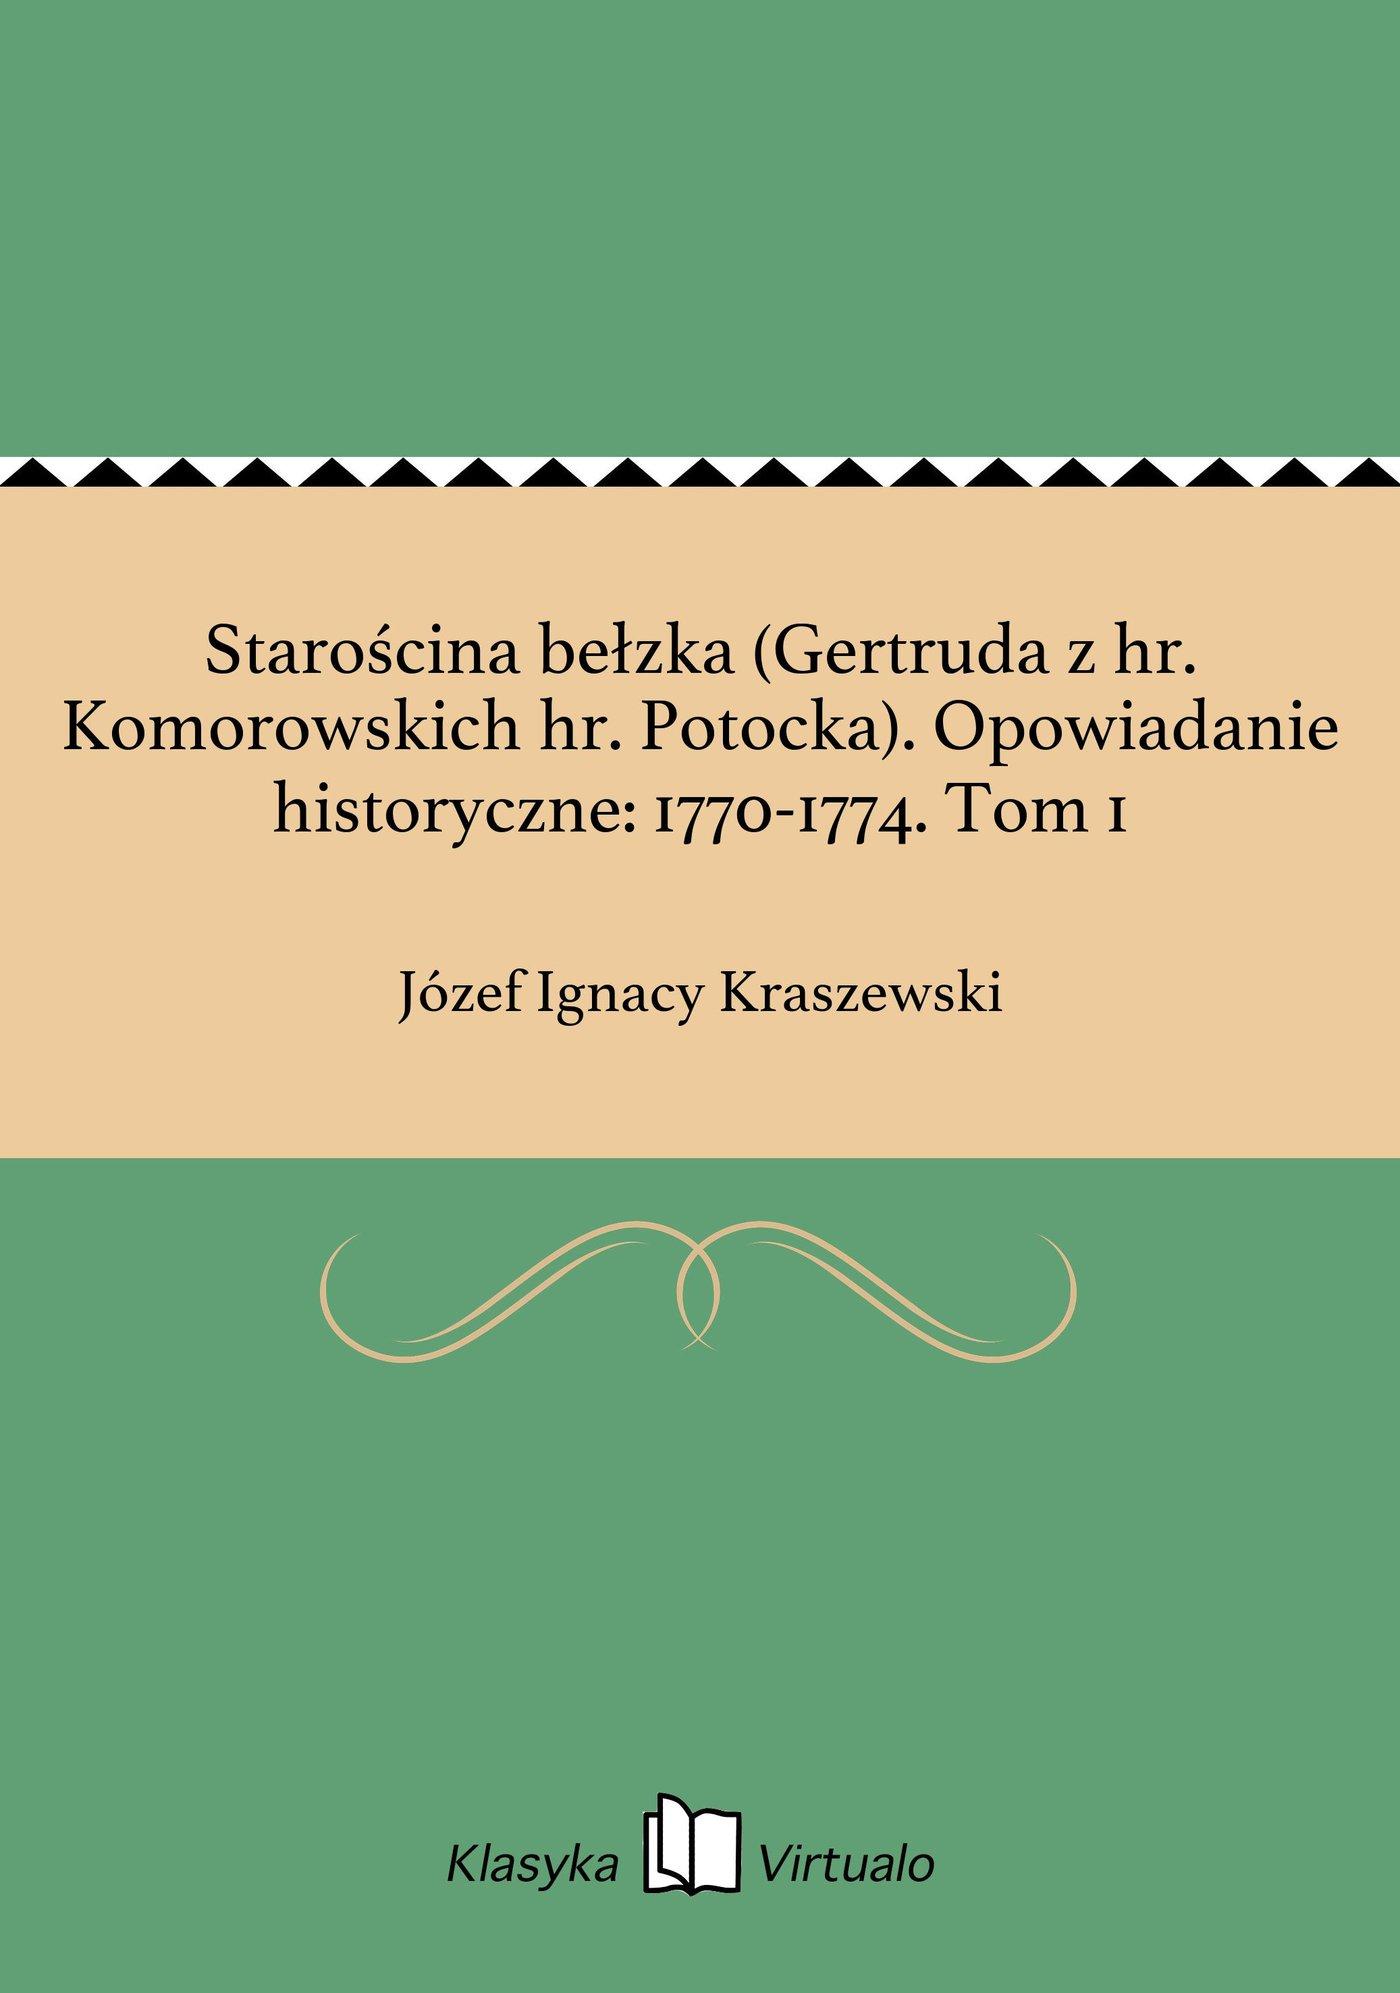 Starościna bełzka (Gertruda z hr. Komorowskich hr. Potocka). Opowiadanie historyczne: 1770-1774. Tom 1 - Ebook (Książka na Kindle) do pobrania w formacie MOBI